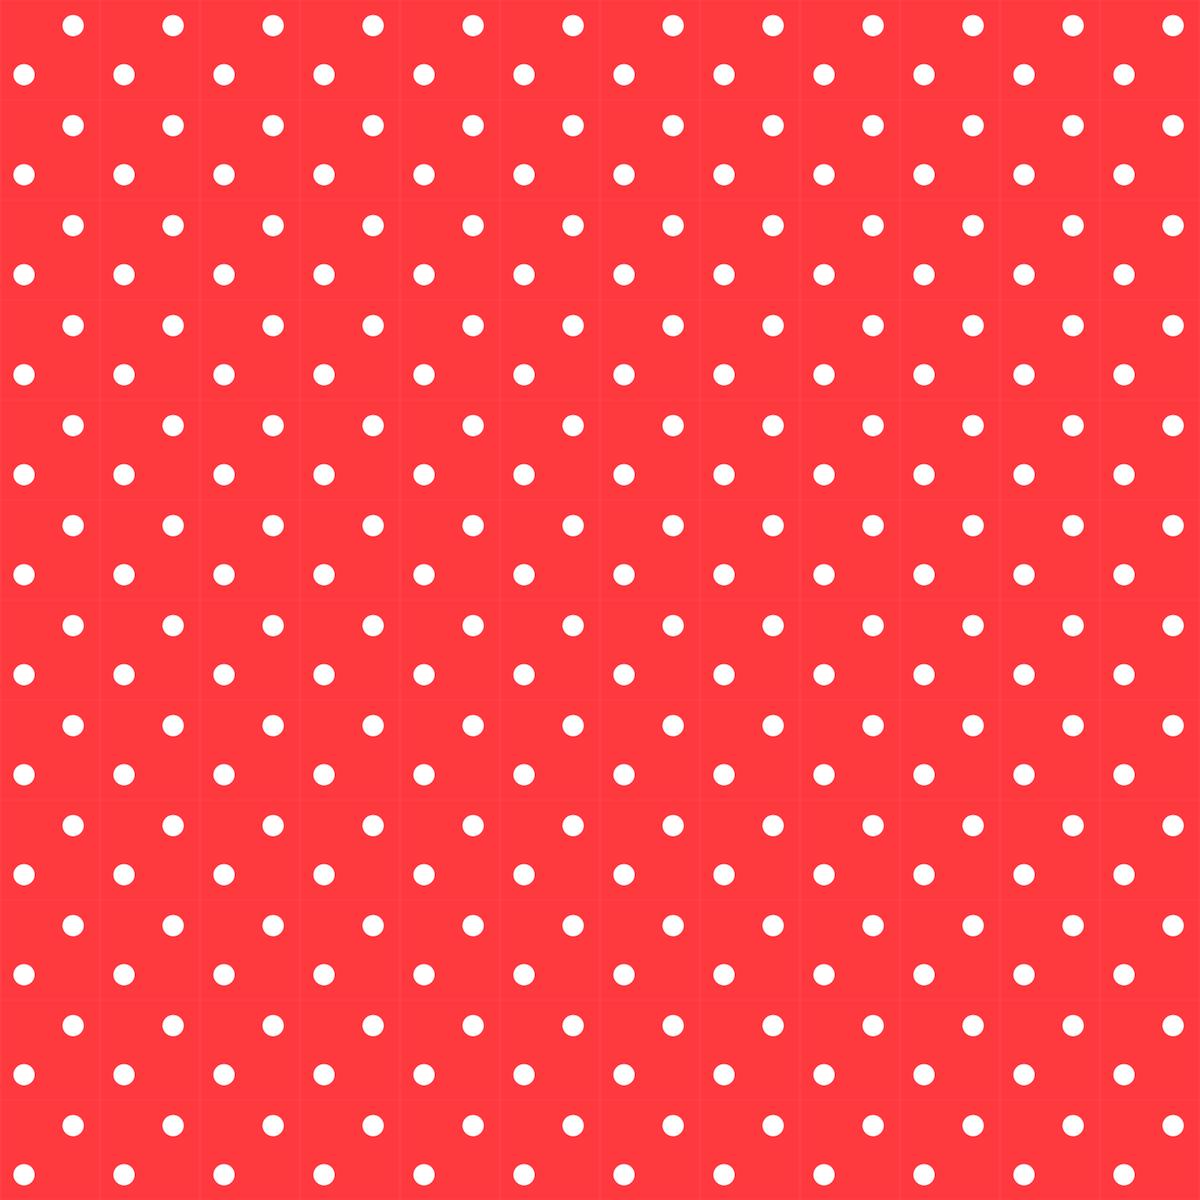 Free Polka Dot Scrapbook Papers Ausdruckbares Geschenkpapier Freebie Mein Papier Fur Erinnerungsalben Lesezeichen Basteln Free Printable Planner Stickers